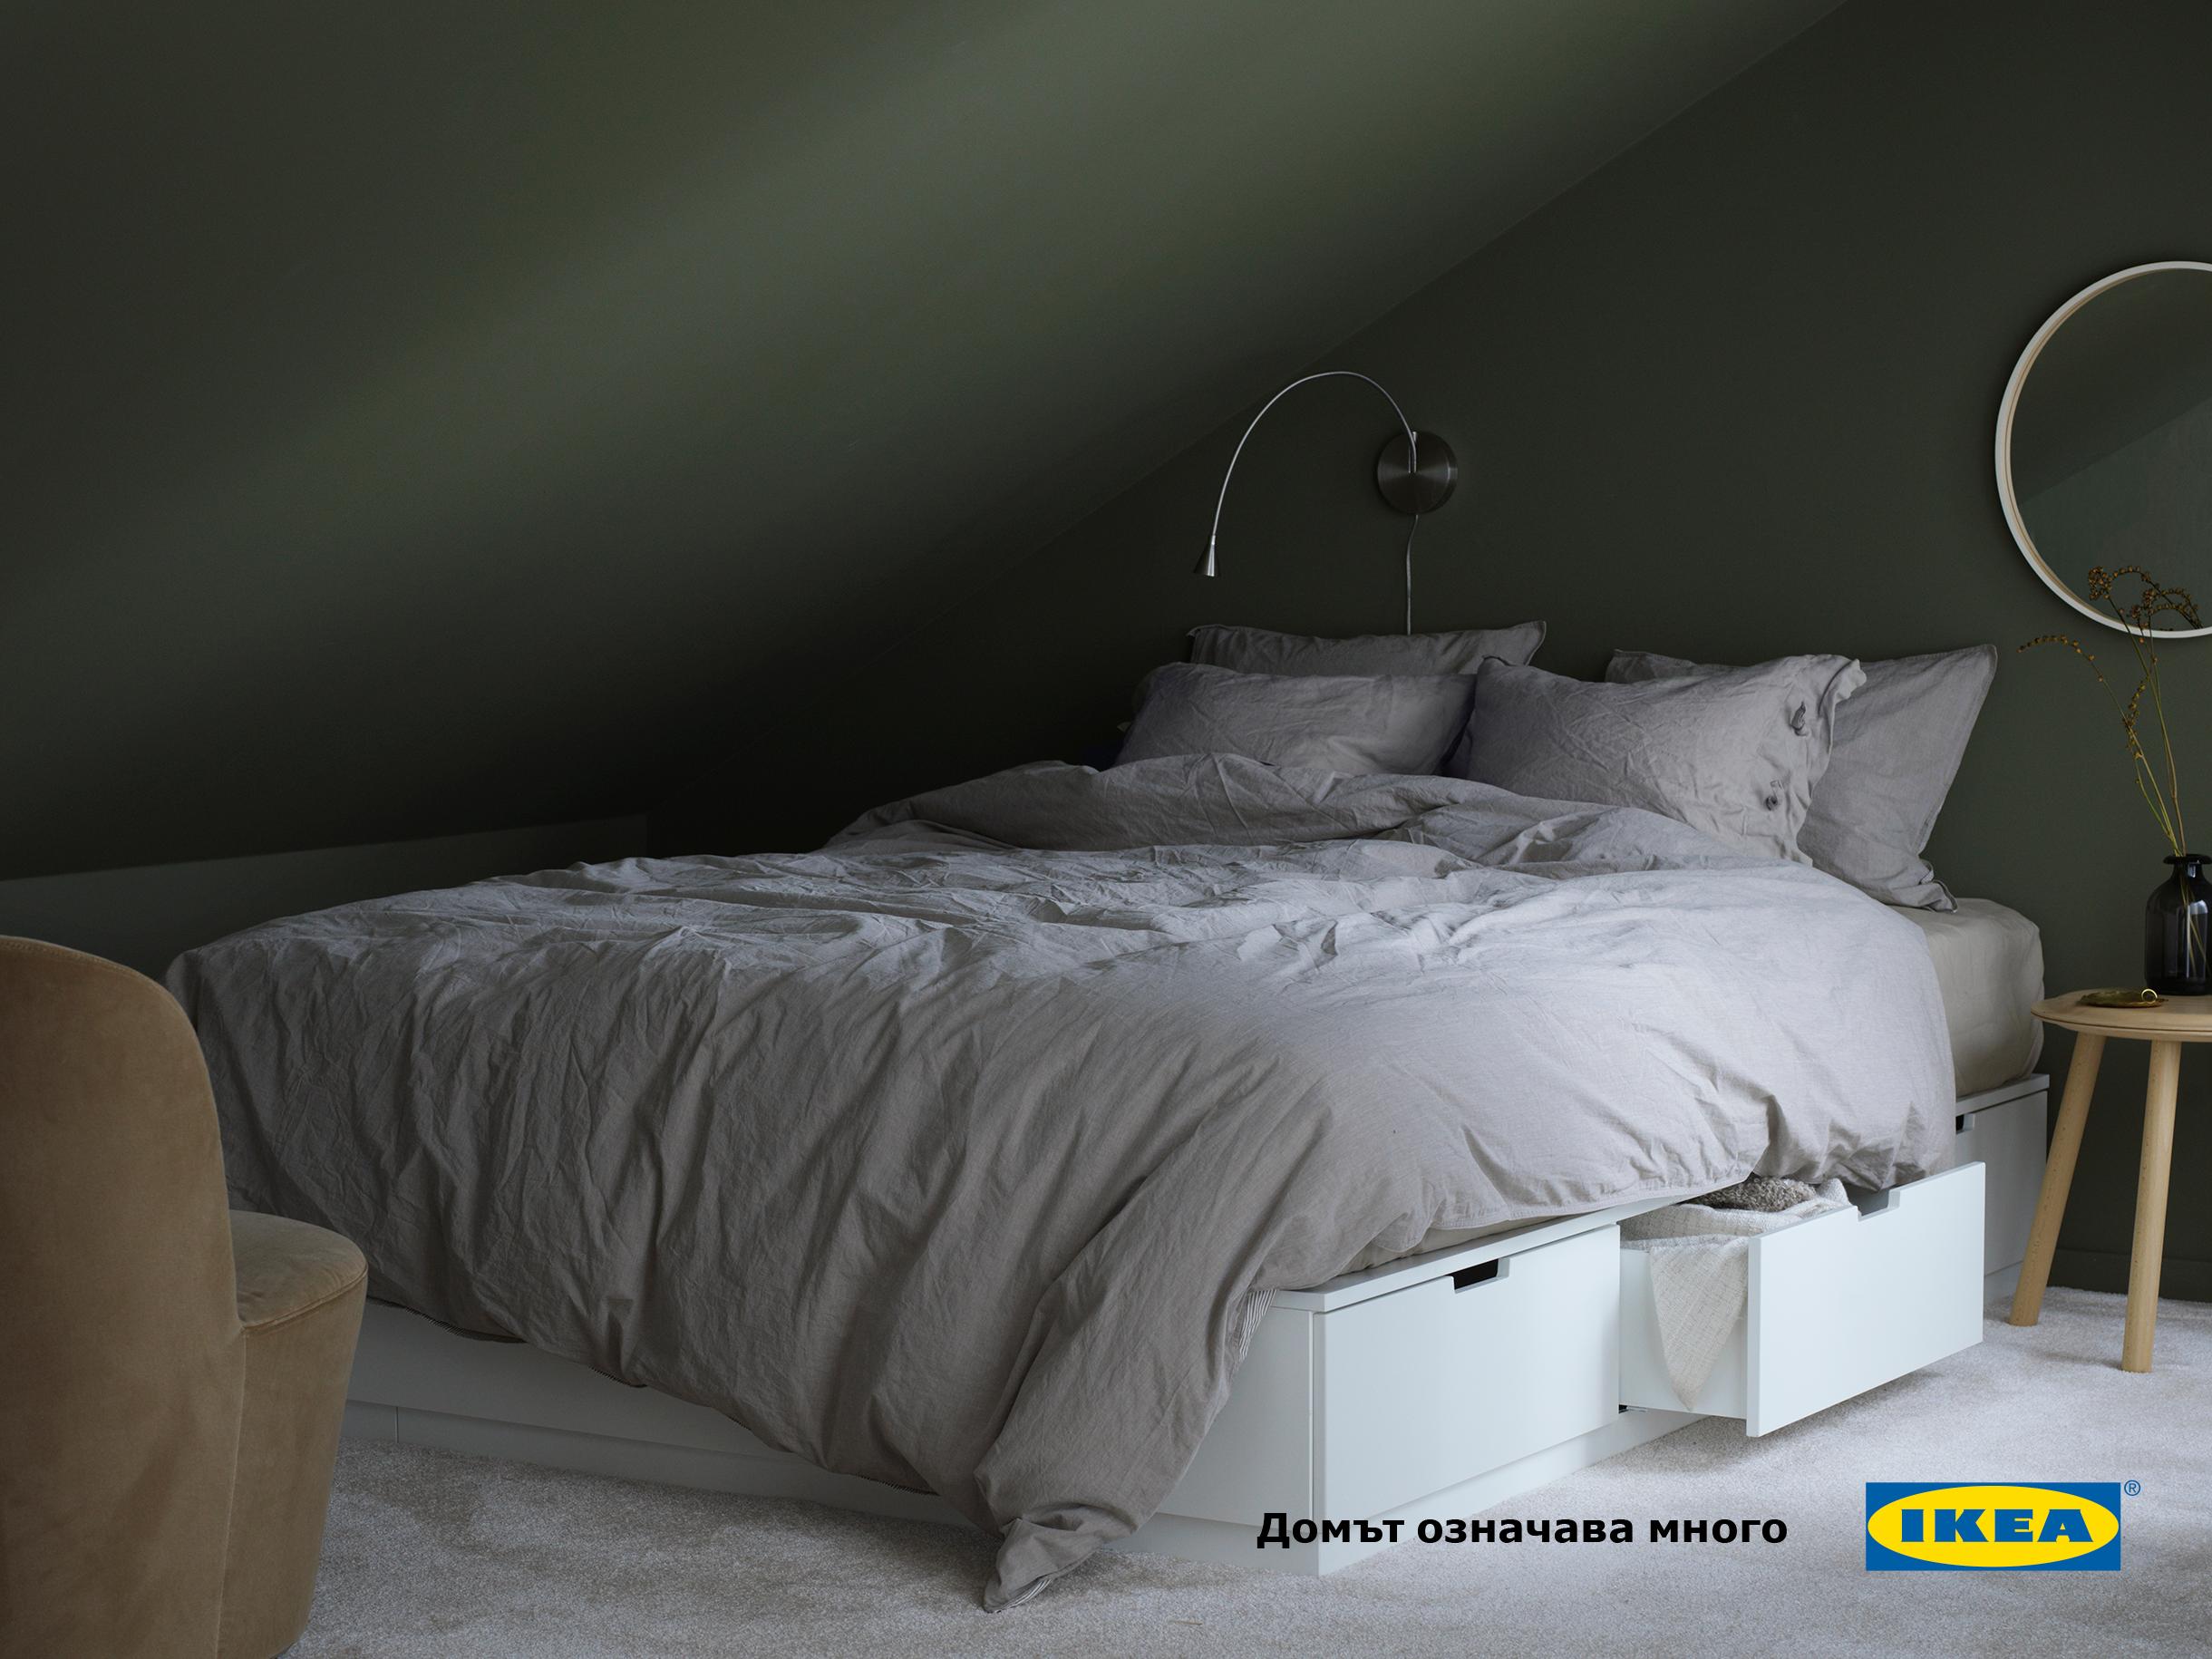 Km Veche Poznatata Seriya Nordli Dobavyame I Ramka Za Leglo S Plavno Otvaryashite Se Chekmedzheta Po 3 Ot Vsyaka Strana Ikea Bed Bed Frame With Storage Home Bedroom